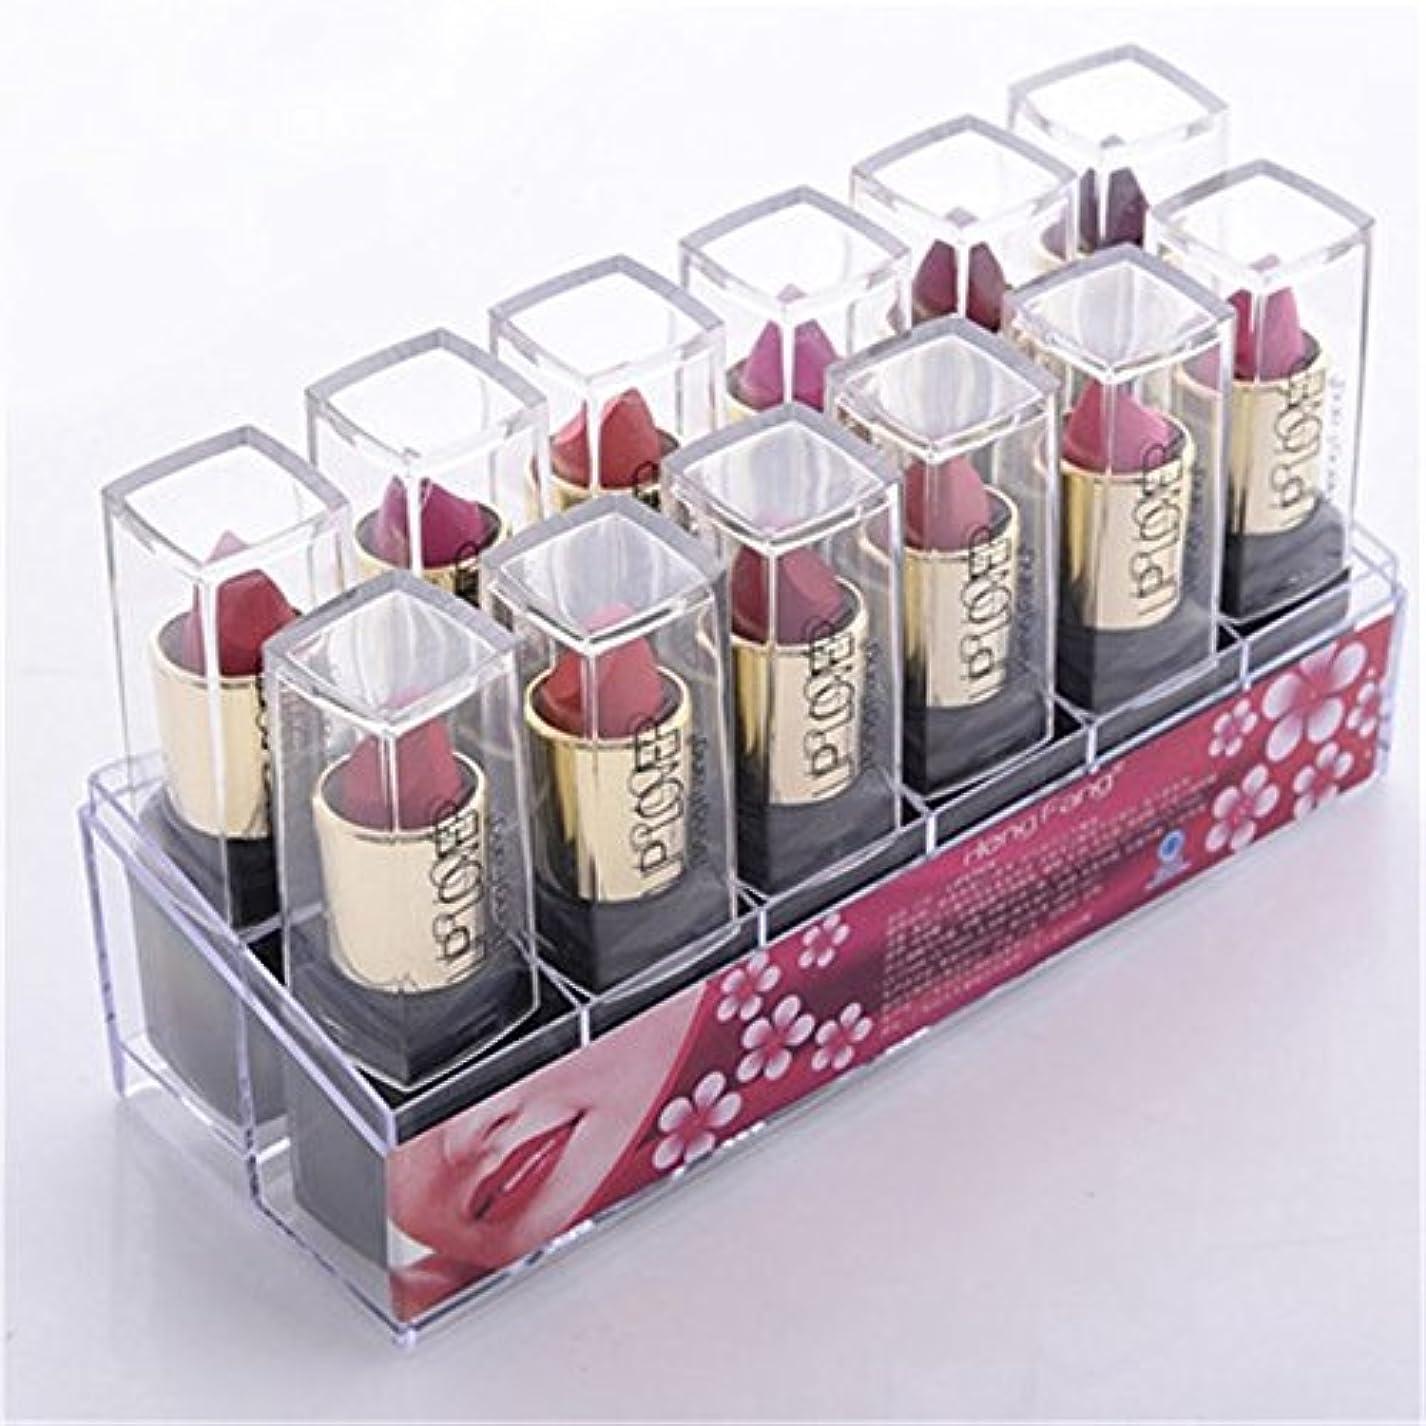 狂気スツール漂流2017 New 12pcs/set Lipsticks Sex Nude Lip Matte Kits Long Lasting Waterproof Pigment Matte Makeup Lipstick Set by HengFang